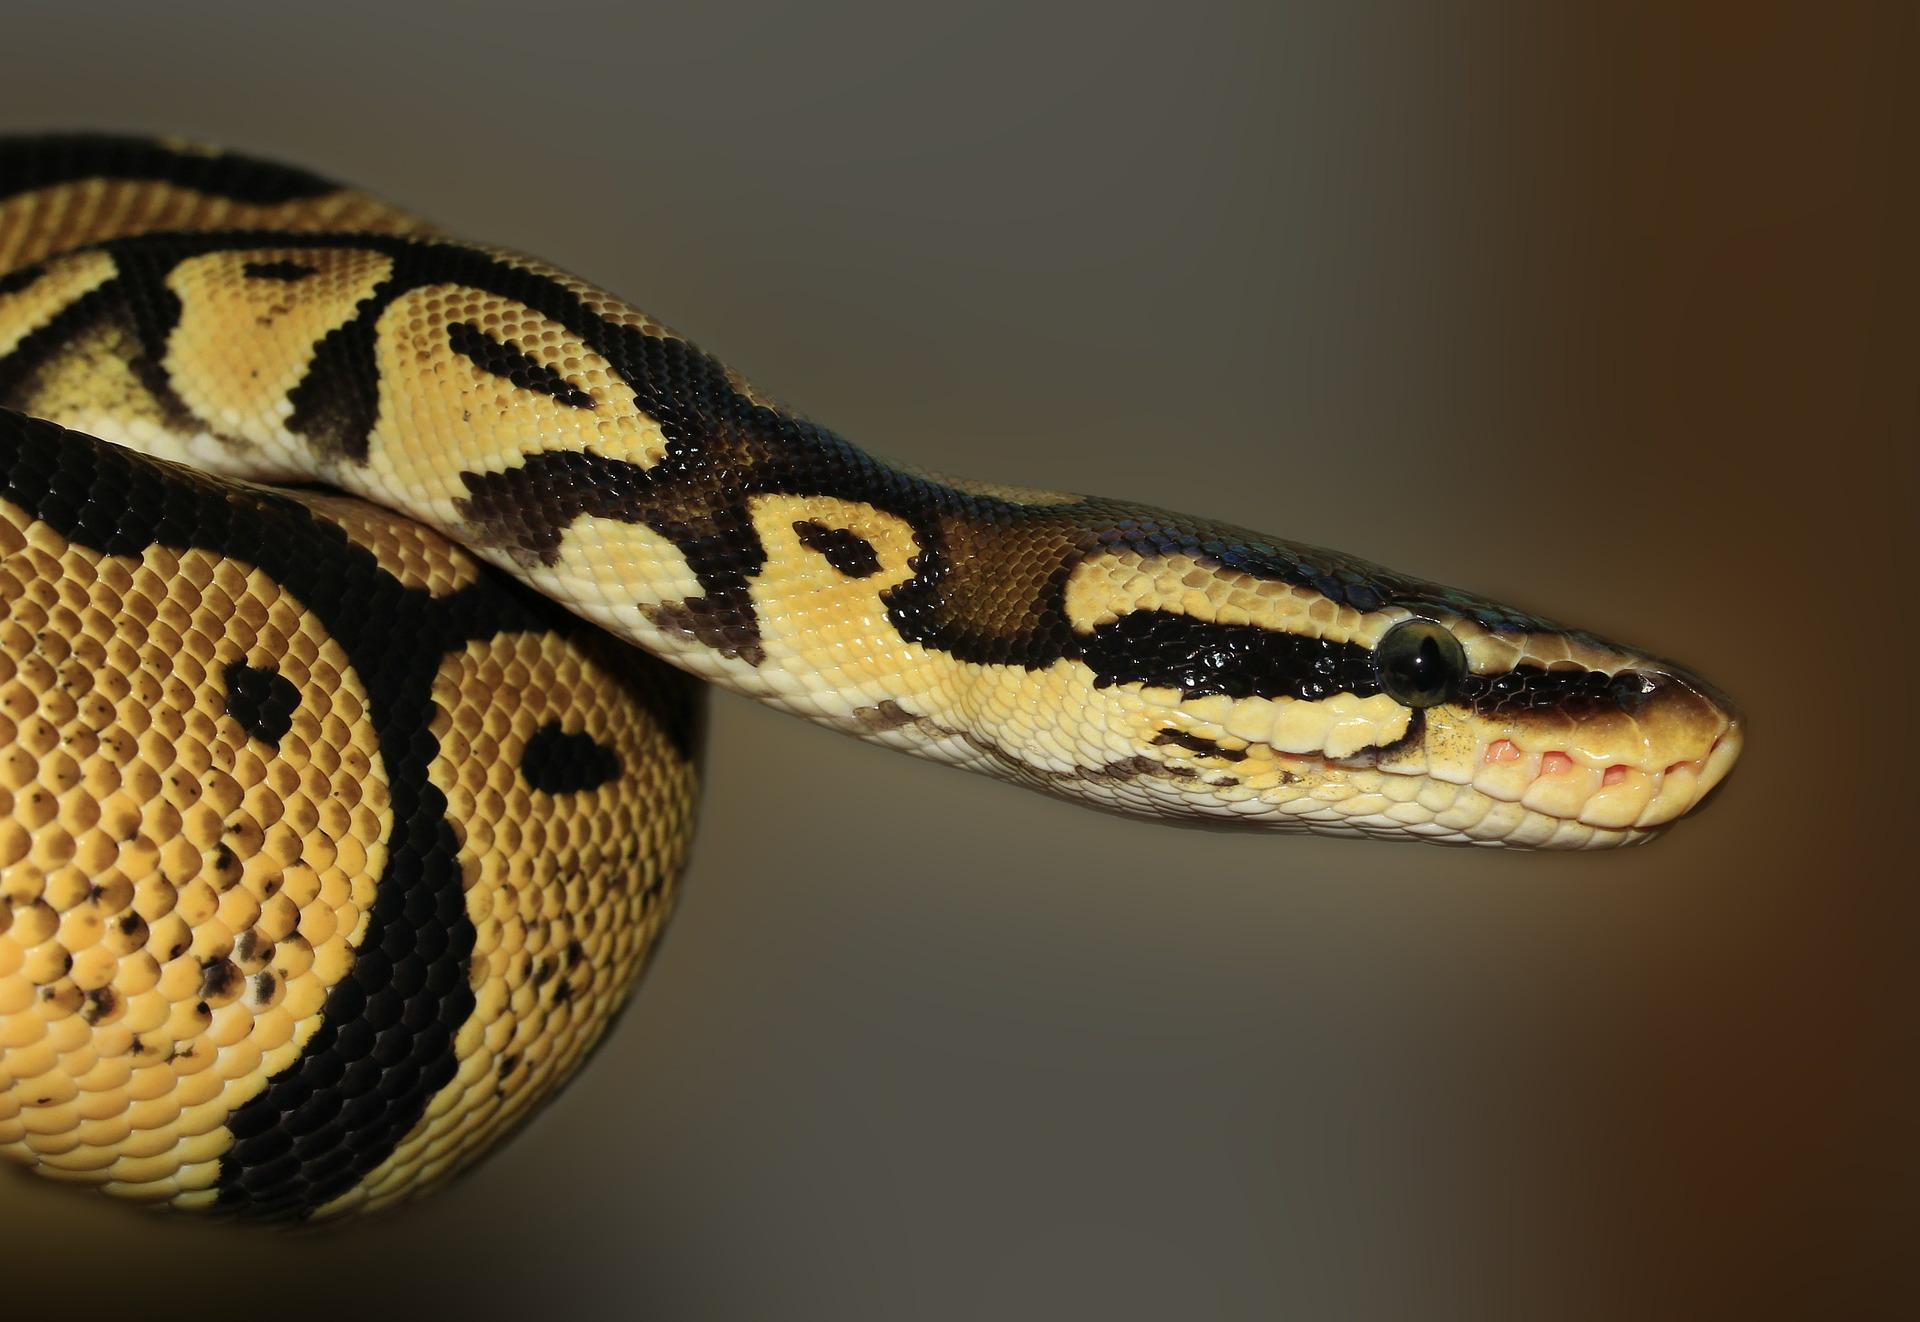 Serpente, Python, Viper, occhi, Rettile - Sfondi HD - Professor-falken.com